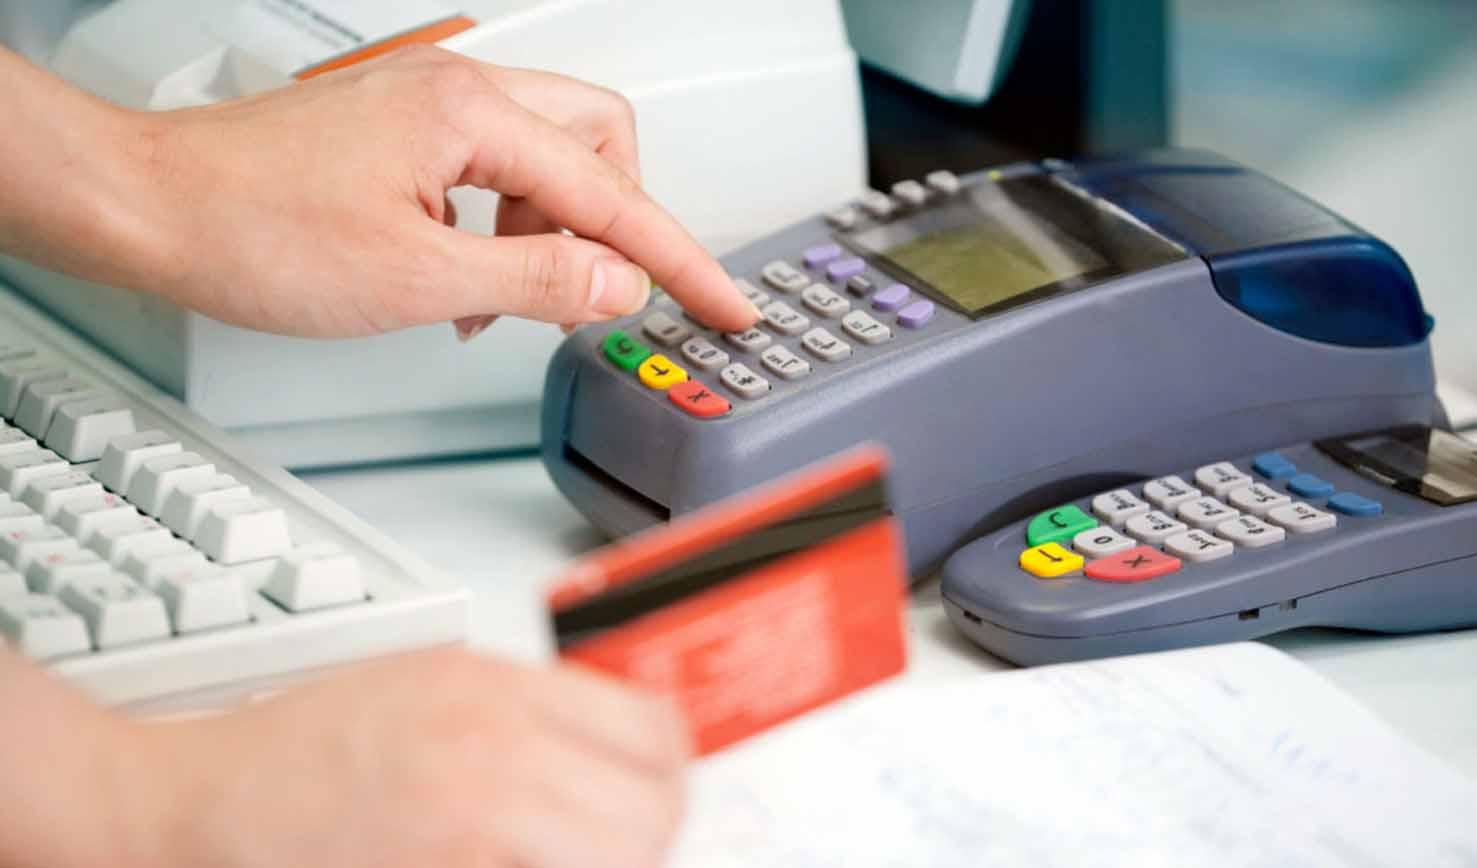 کدام بانکها بیشترین تراکنش را دارند؟